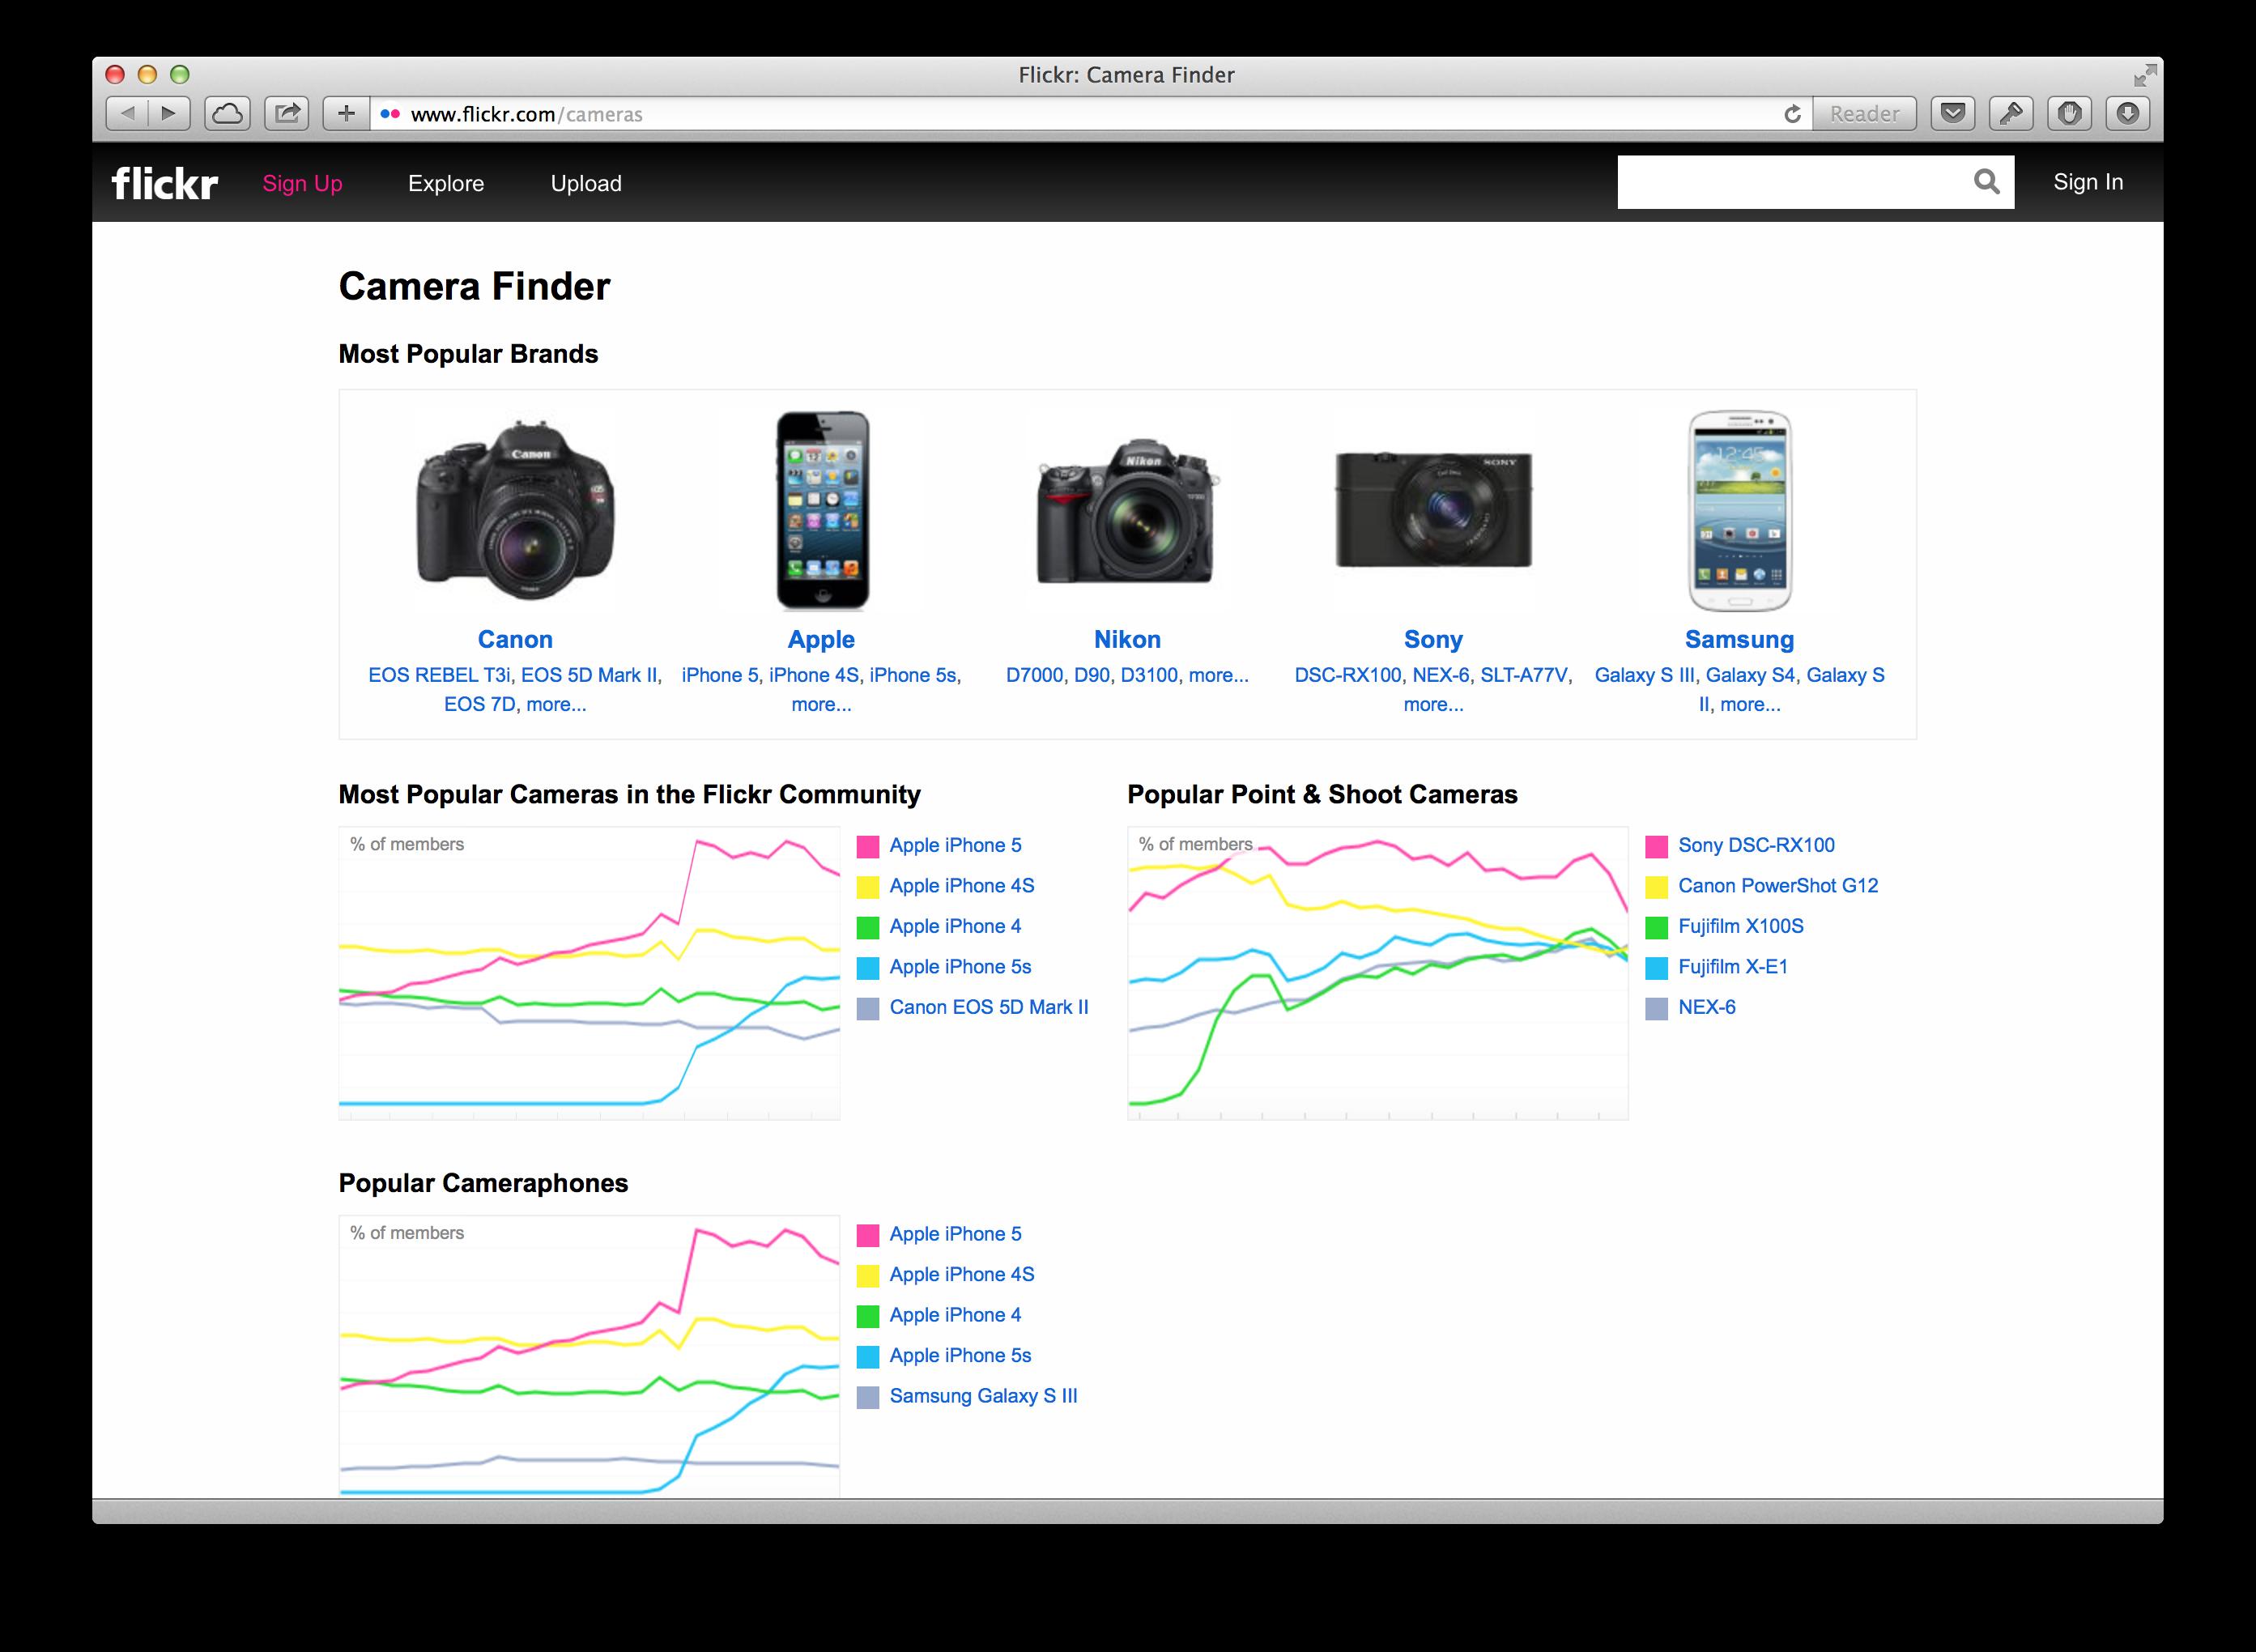 Flickr помогает найти лучшую для вас камеру или смартфон с камерой